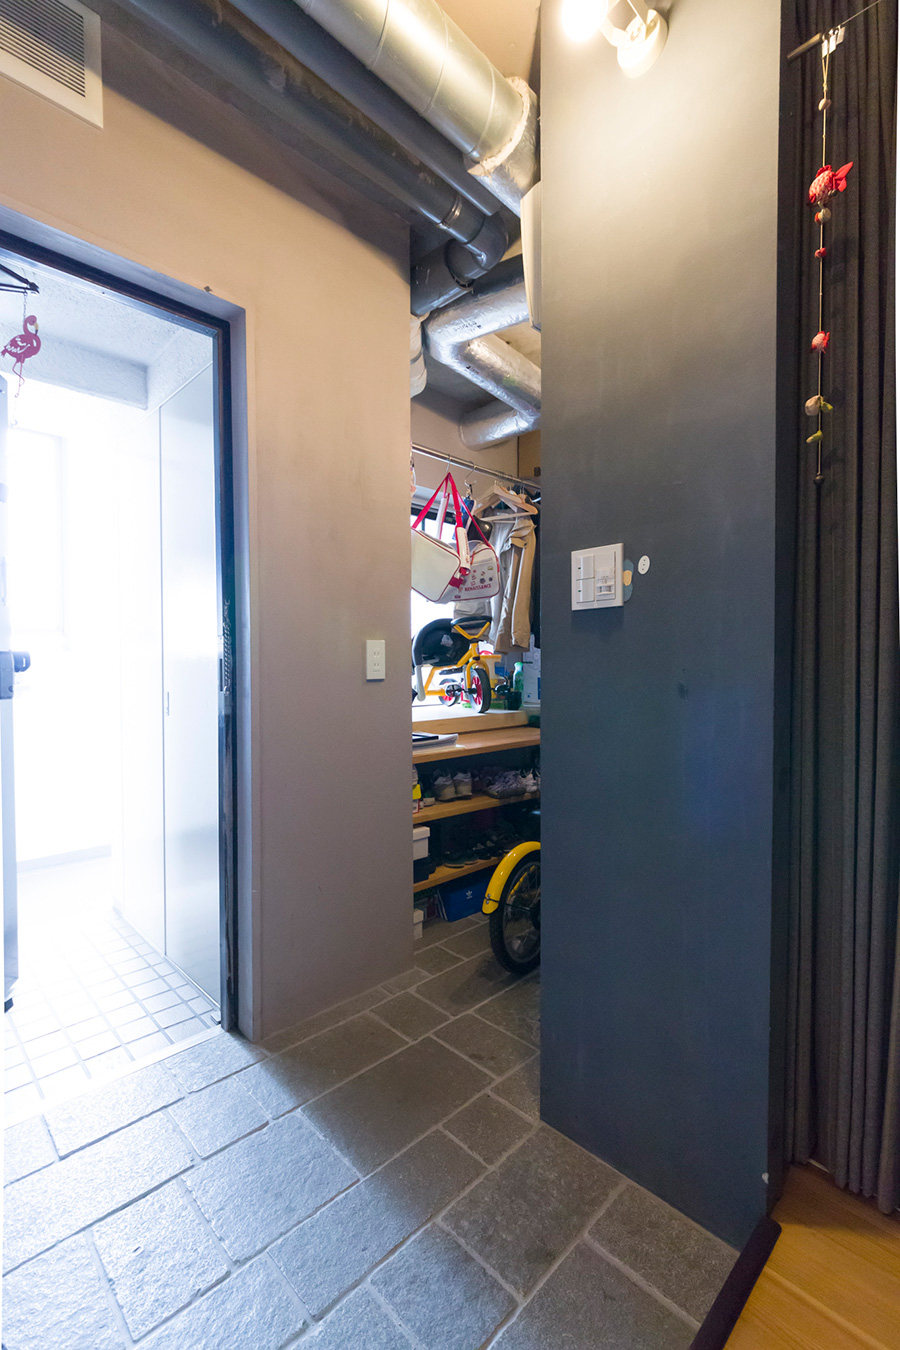 北側は間取りを変え、玄関の脇に土間のシューズクローゼット兼収納スペースを作った。